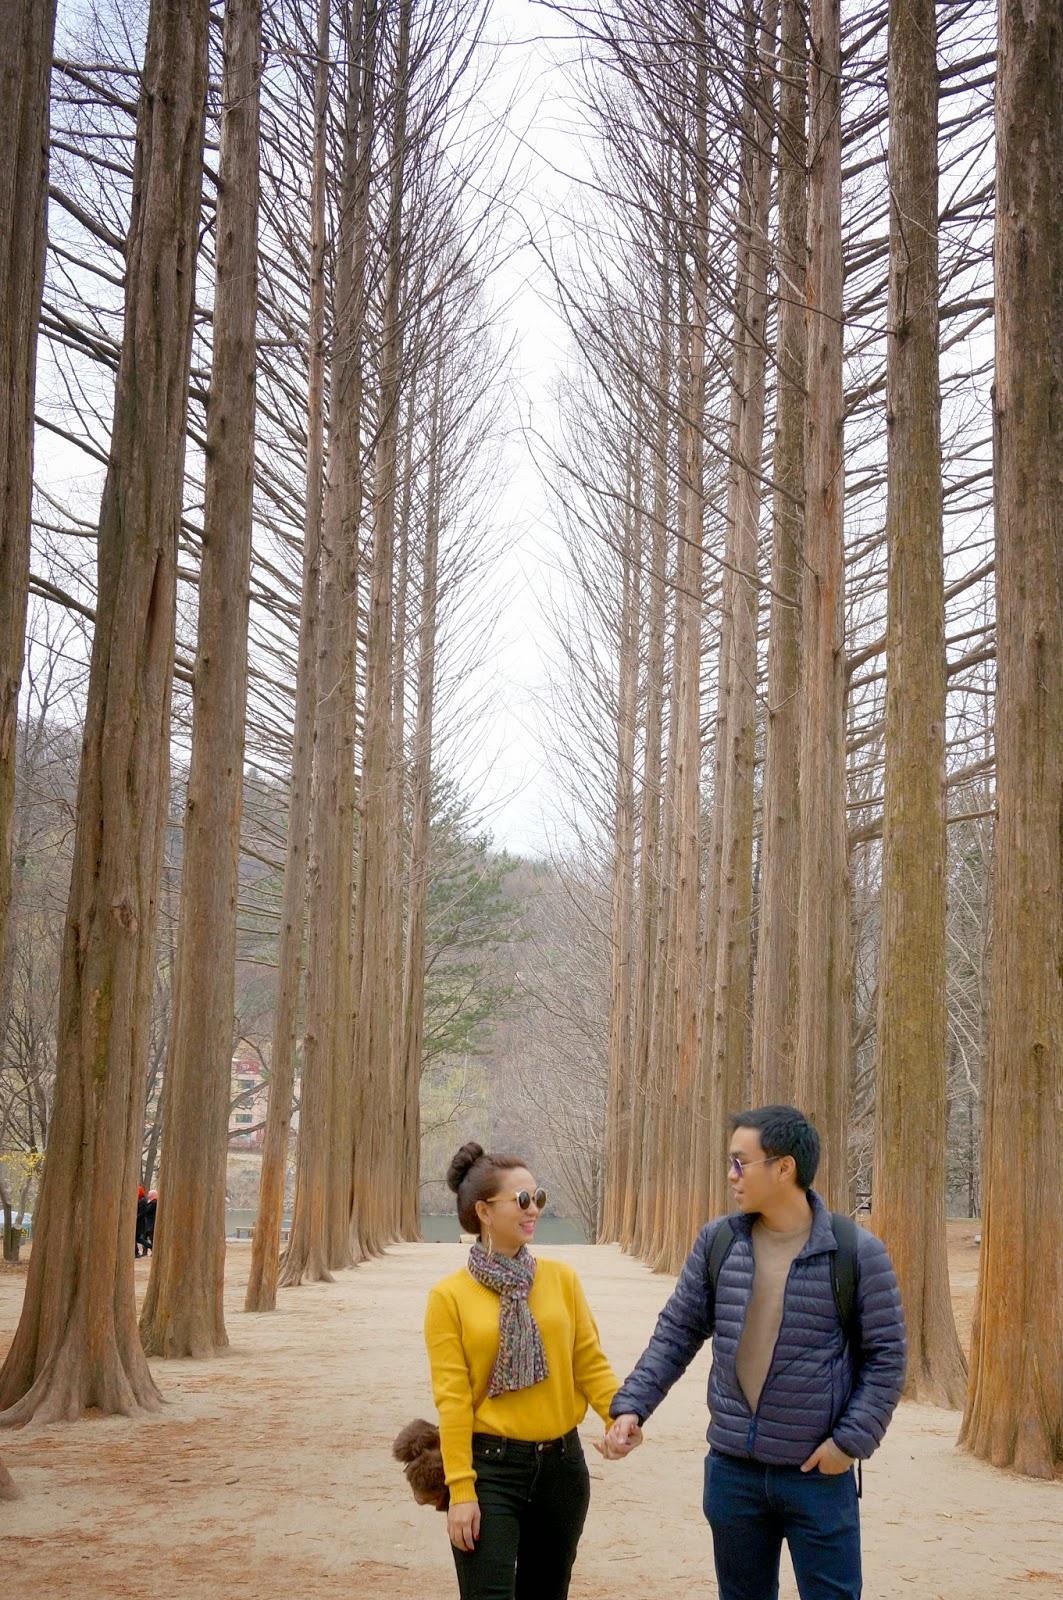 Nami Island Tour From Seoul